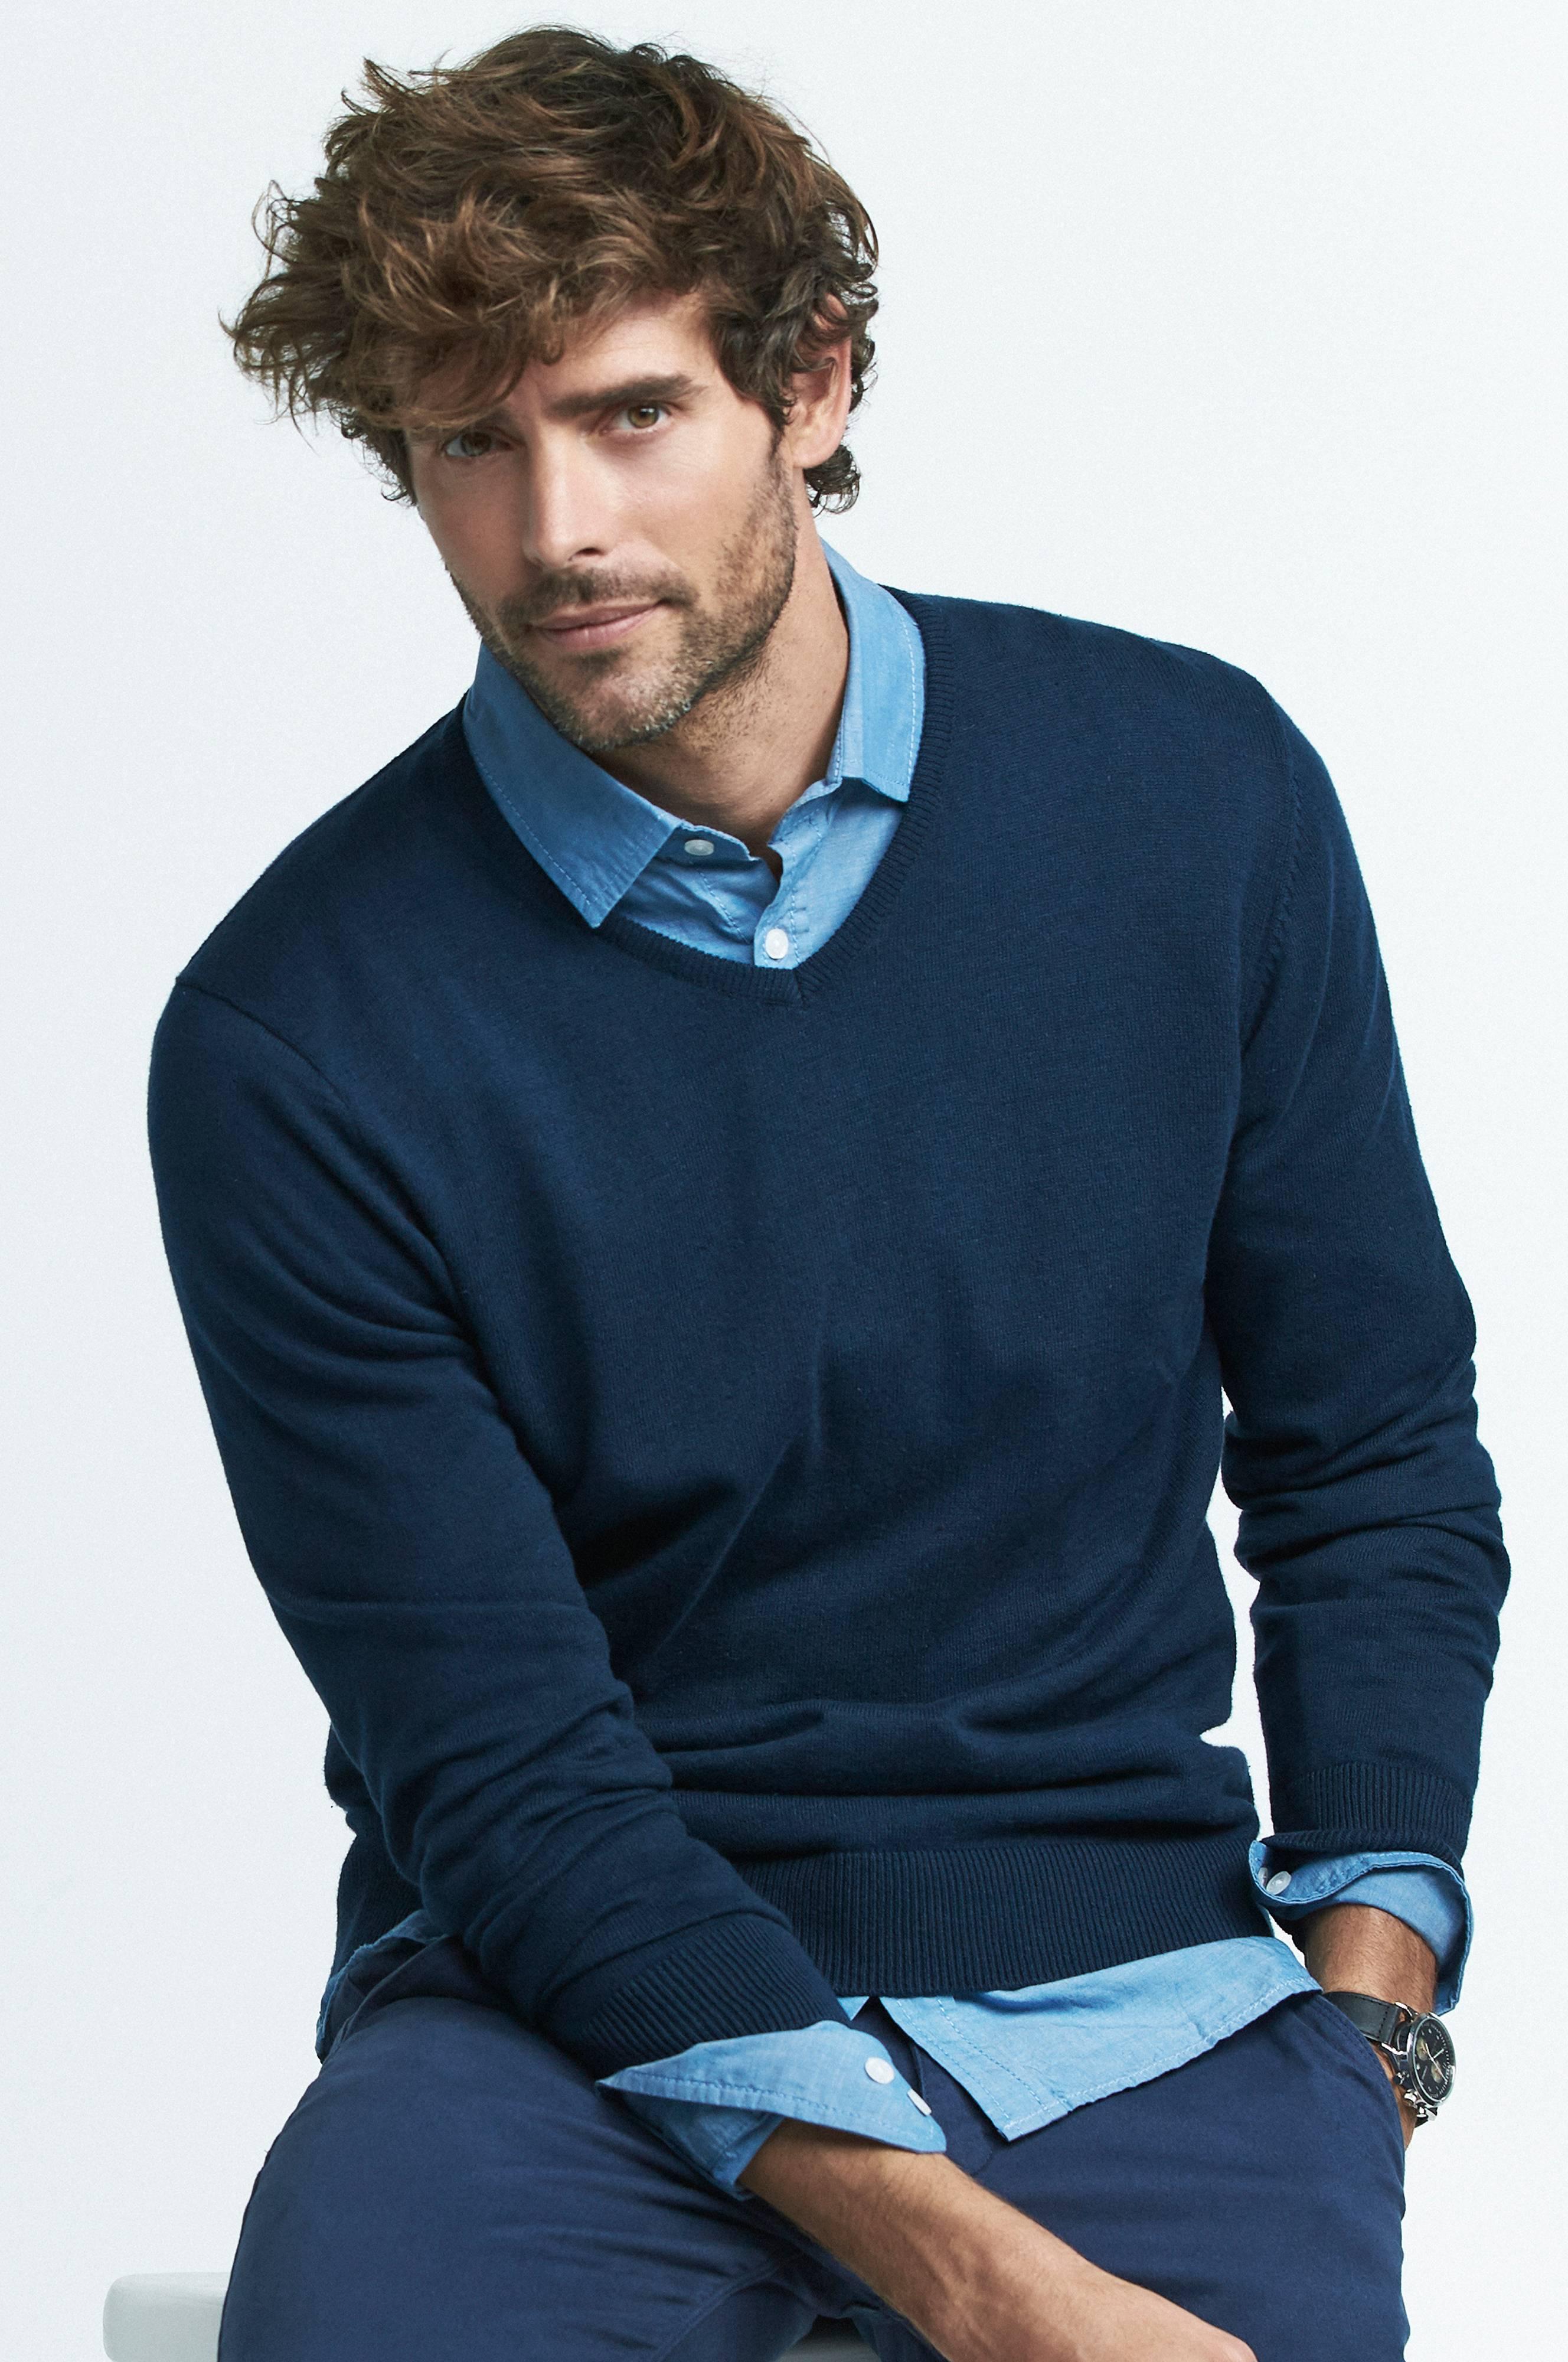 Ellos Men Genser og skjorte i sett Blå Strikkegensere